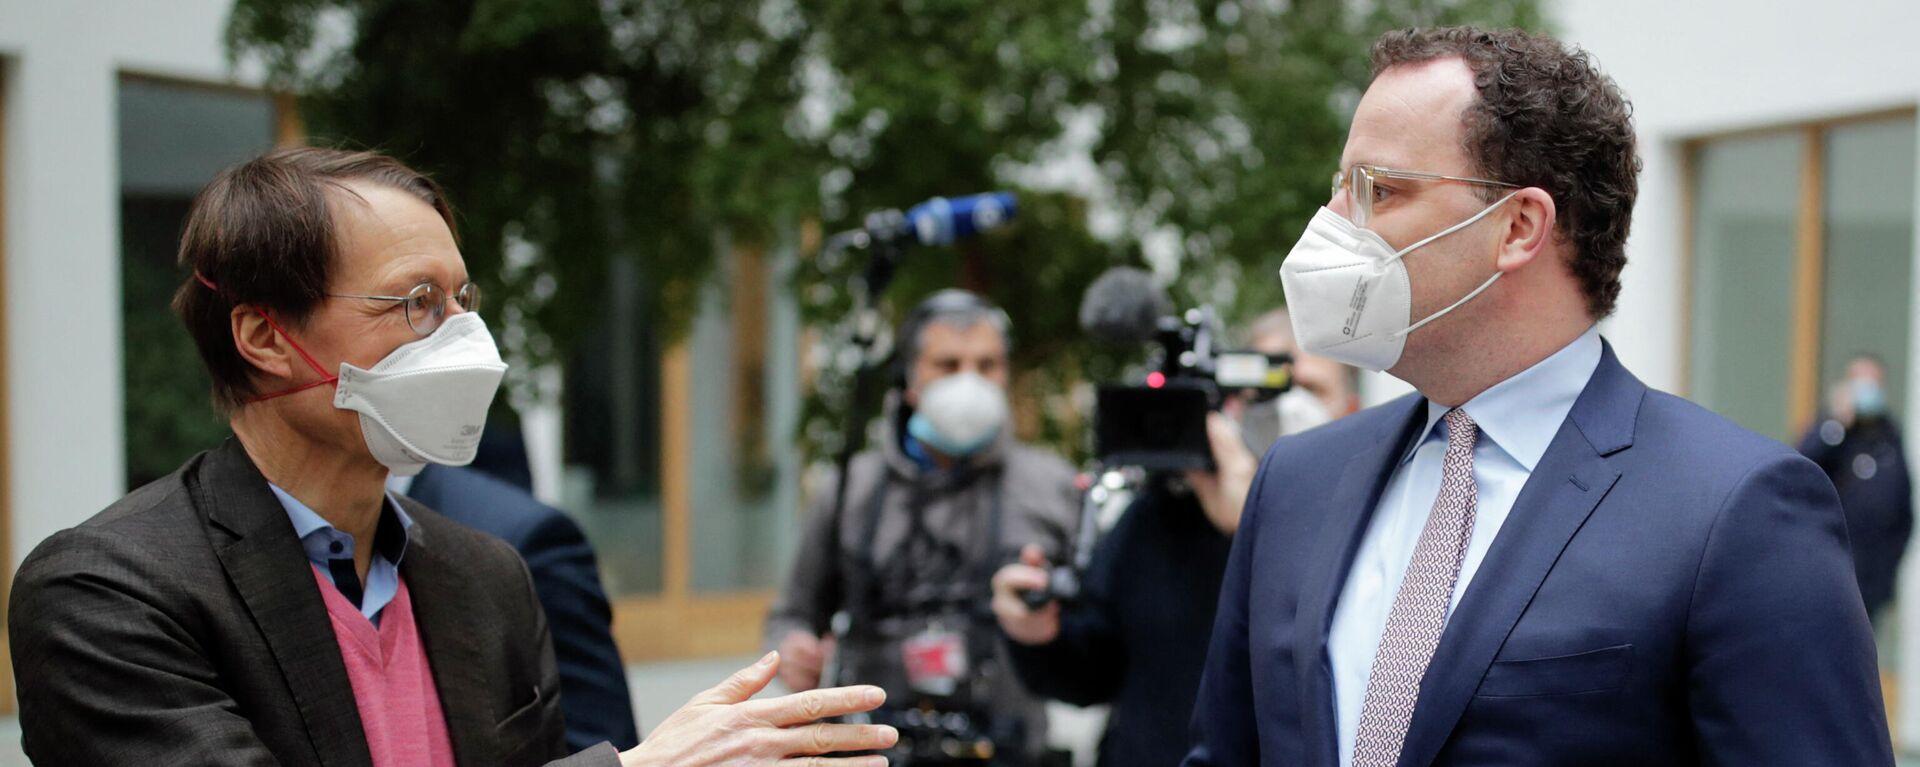 Bundesgesundheitsminister Jens Spahn spricht mit dem SPD-Politiker und Professor für Gesundheitsökonomie und Epidemiologie Karl Lauterbach vor einer Pressekonferenz zur Situation der Coronavirus-Pandemie in Deutschland in Berlin, den 29. Januar 2021. - SNA, 1920, 15.02.2021